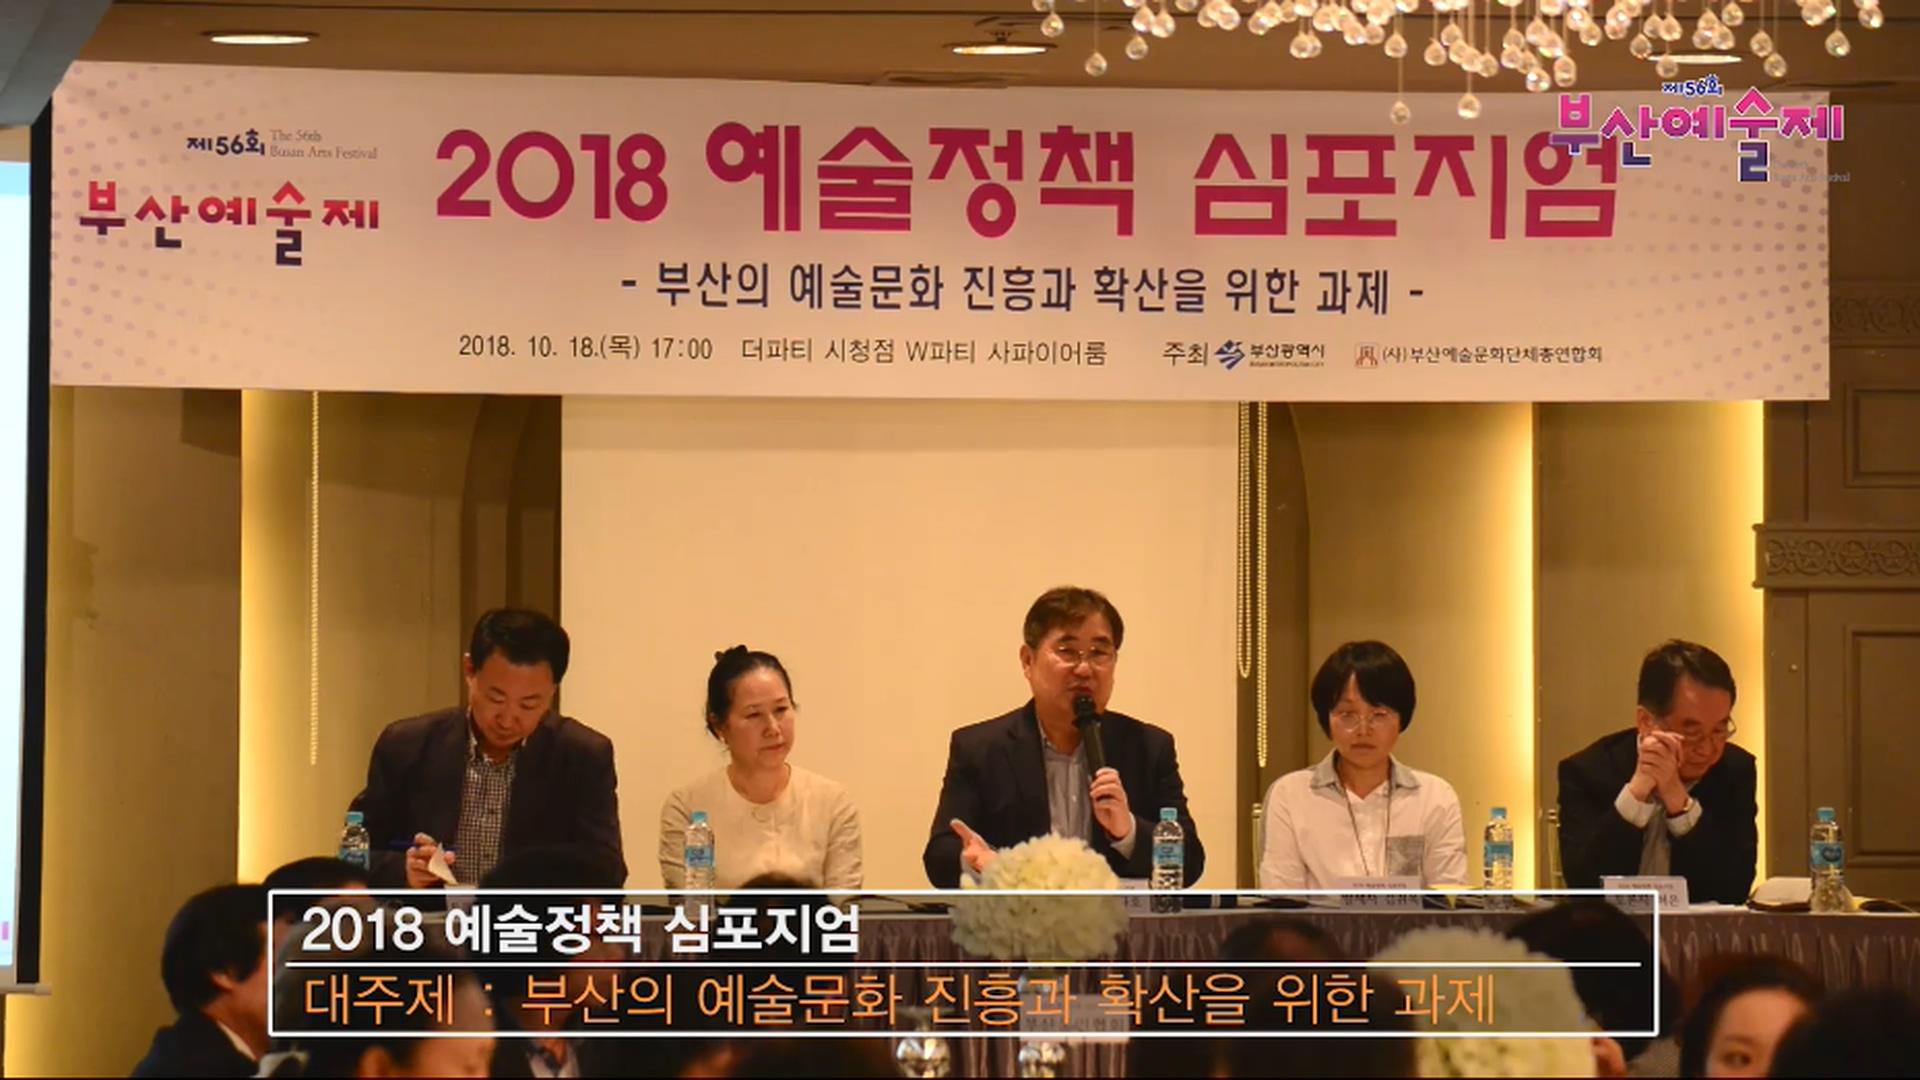 2018 부산예술제.mp4_20181112_201754.387.jpg